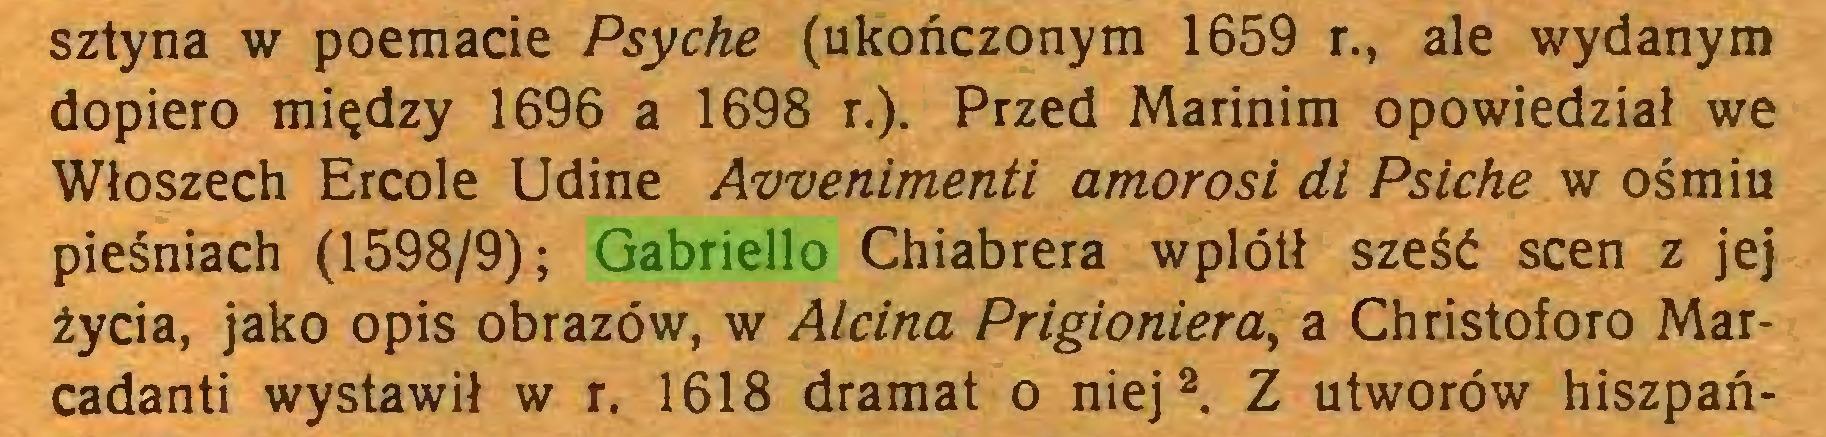 (...) sztyna w poemacie Psyche (ukończonym 1659 r., ale wydanym dopiero między 1696 a 1698 r.). Przed Marinim opowiedział we Włoszech Ercole Udine Awenimenti amorosi di Psiche w ośmiu pieśniach (1598/9); Gabriello Chiabrera wplótł sześć scen z jej życia, jako opis obrazów, w Alcina Prigioniera, a Christoforo Marcadanti wystawił w r. 1618 dramat o niej1  2 3 *. Z utworów hiszpań...